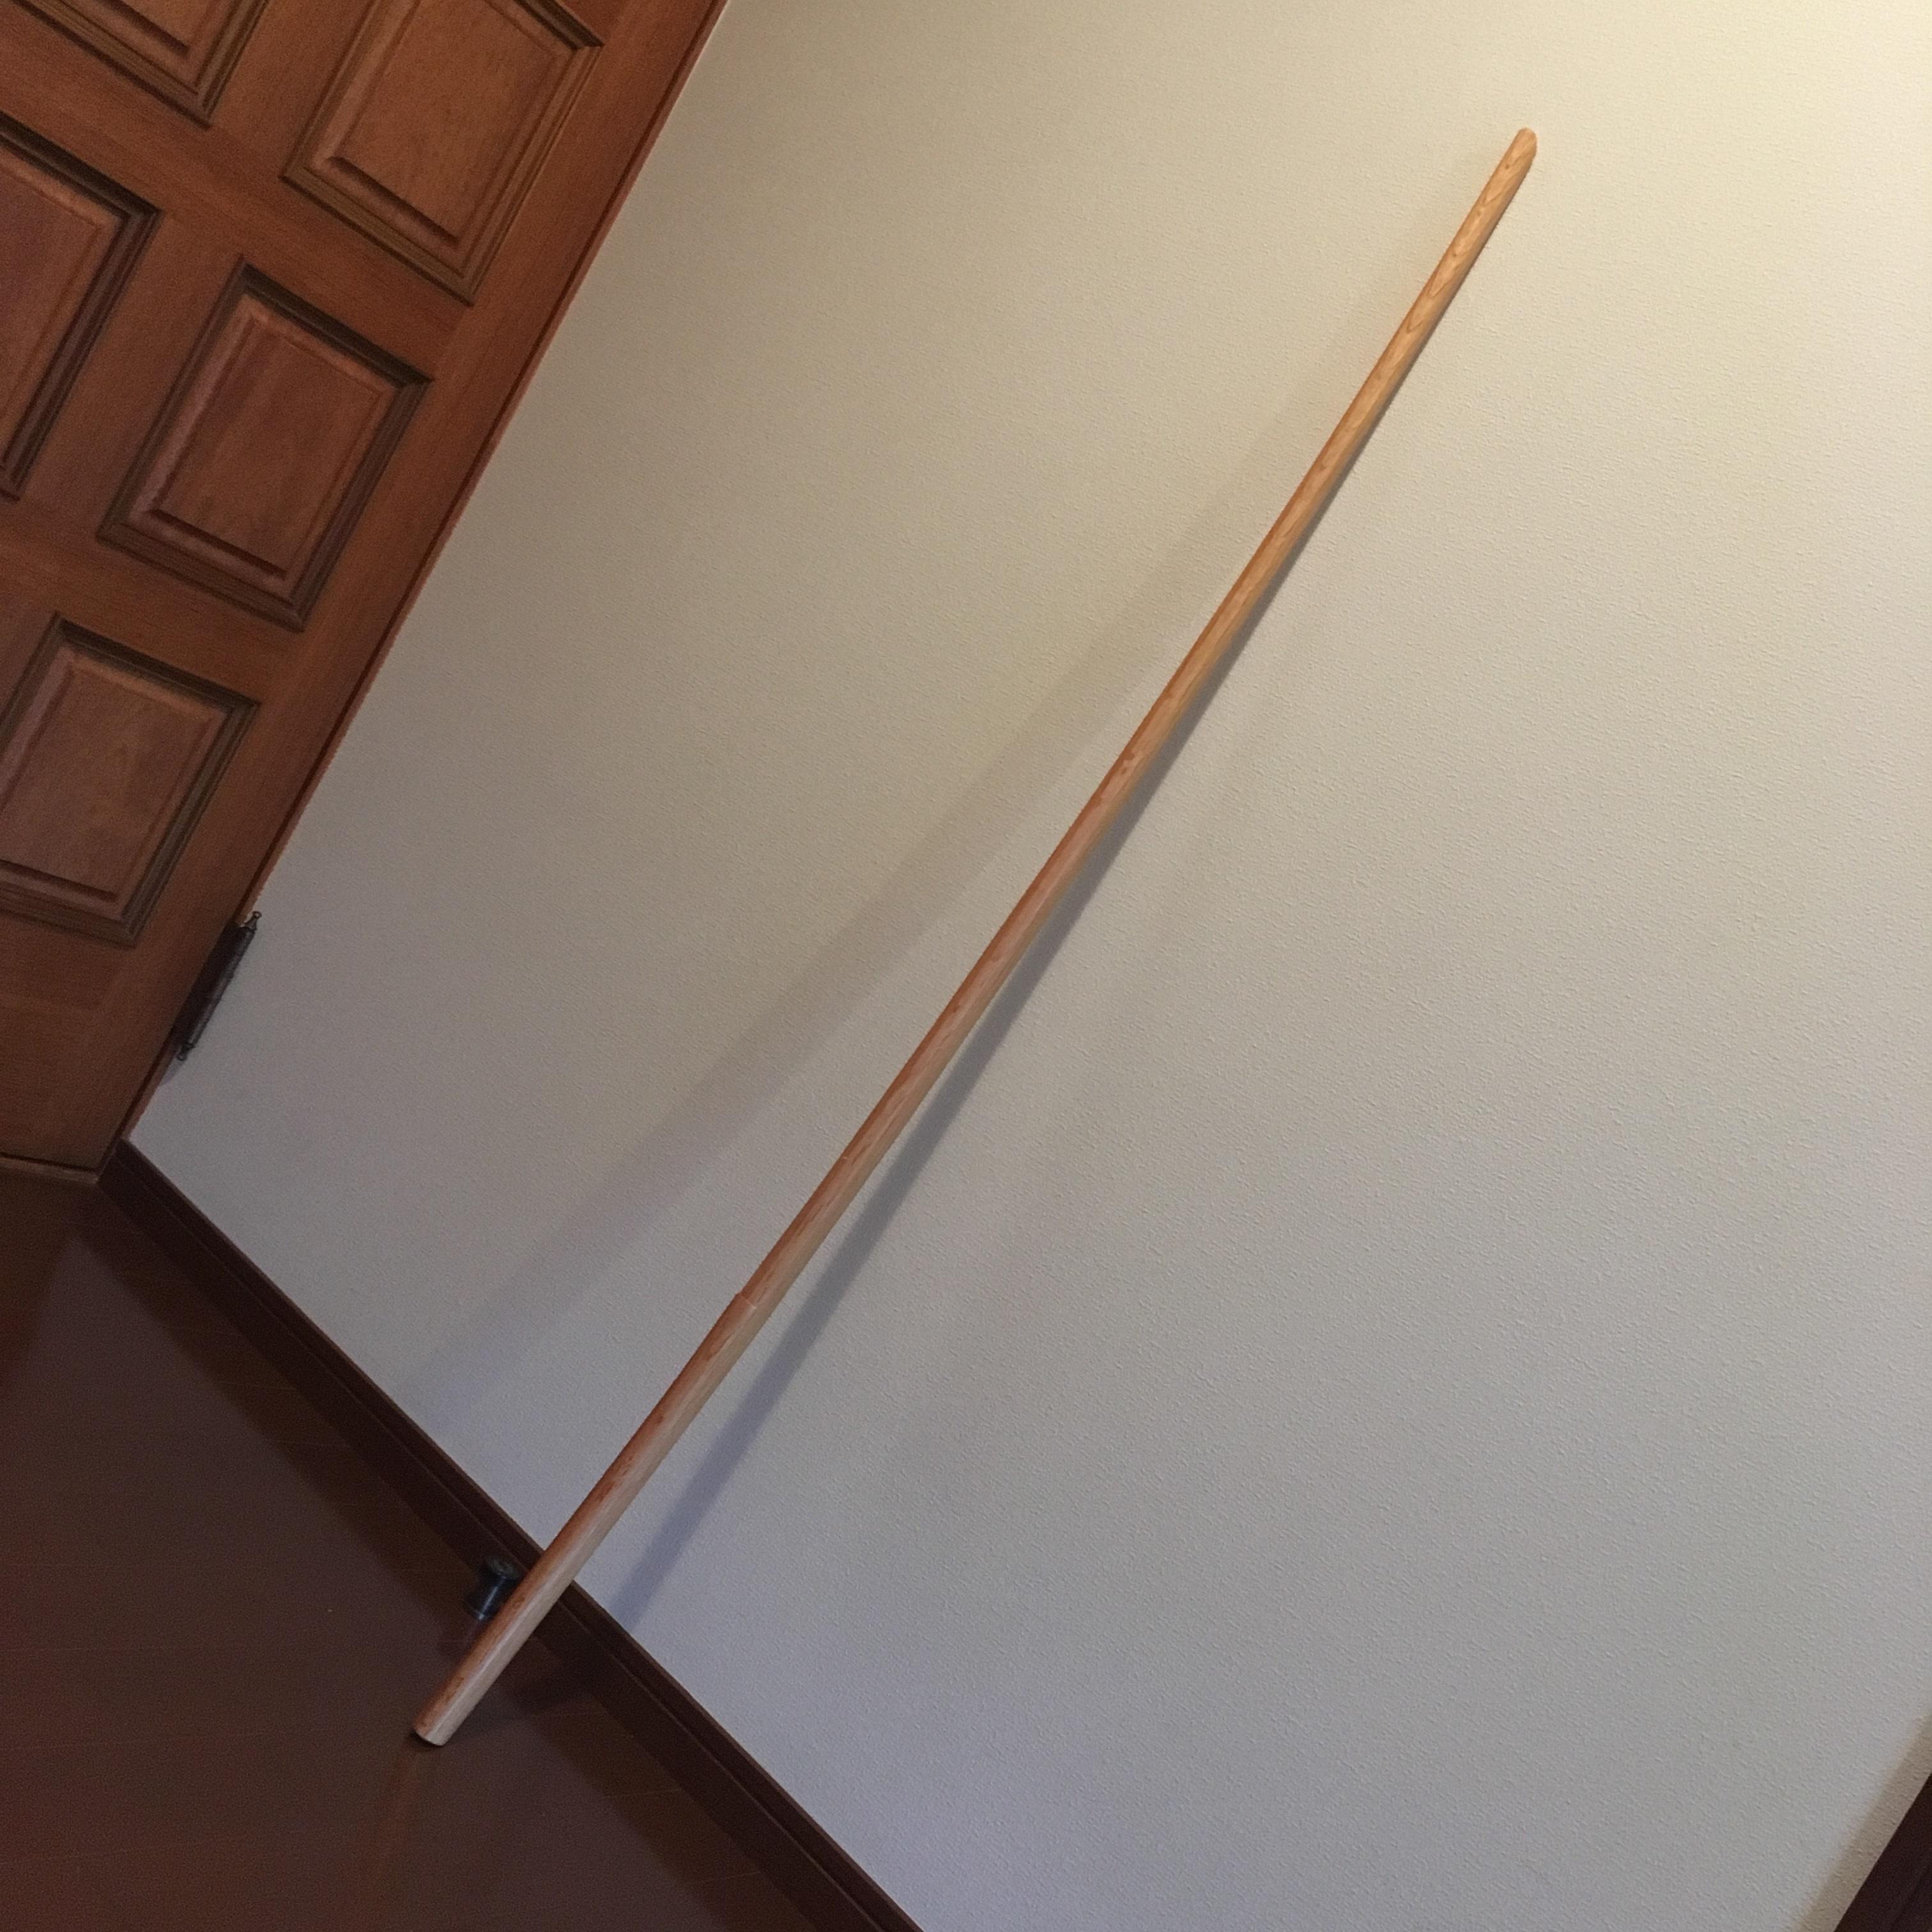 苗刀(大太刀)木刀 | 粋陽堂